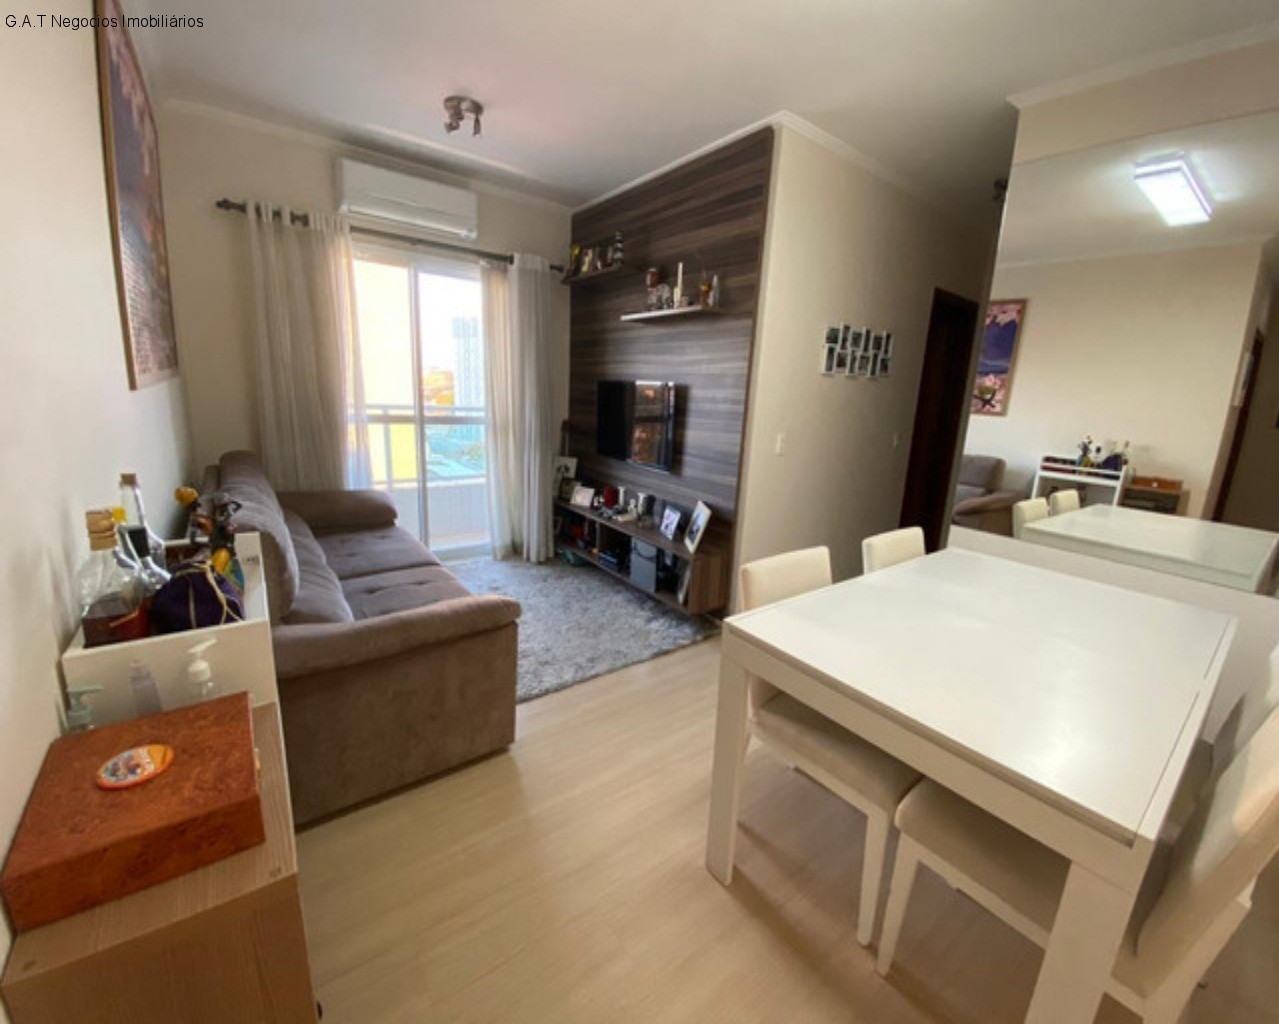 Apartamento com 2 Quartos,jardim gonçalves, edifício mont blanc, Sorocaba